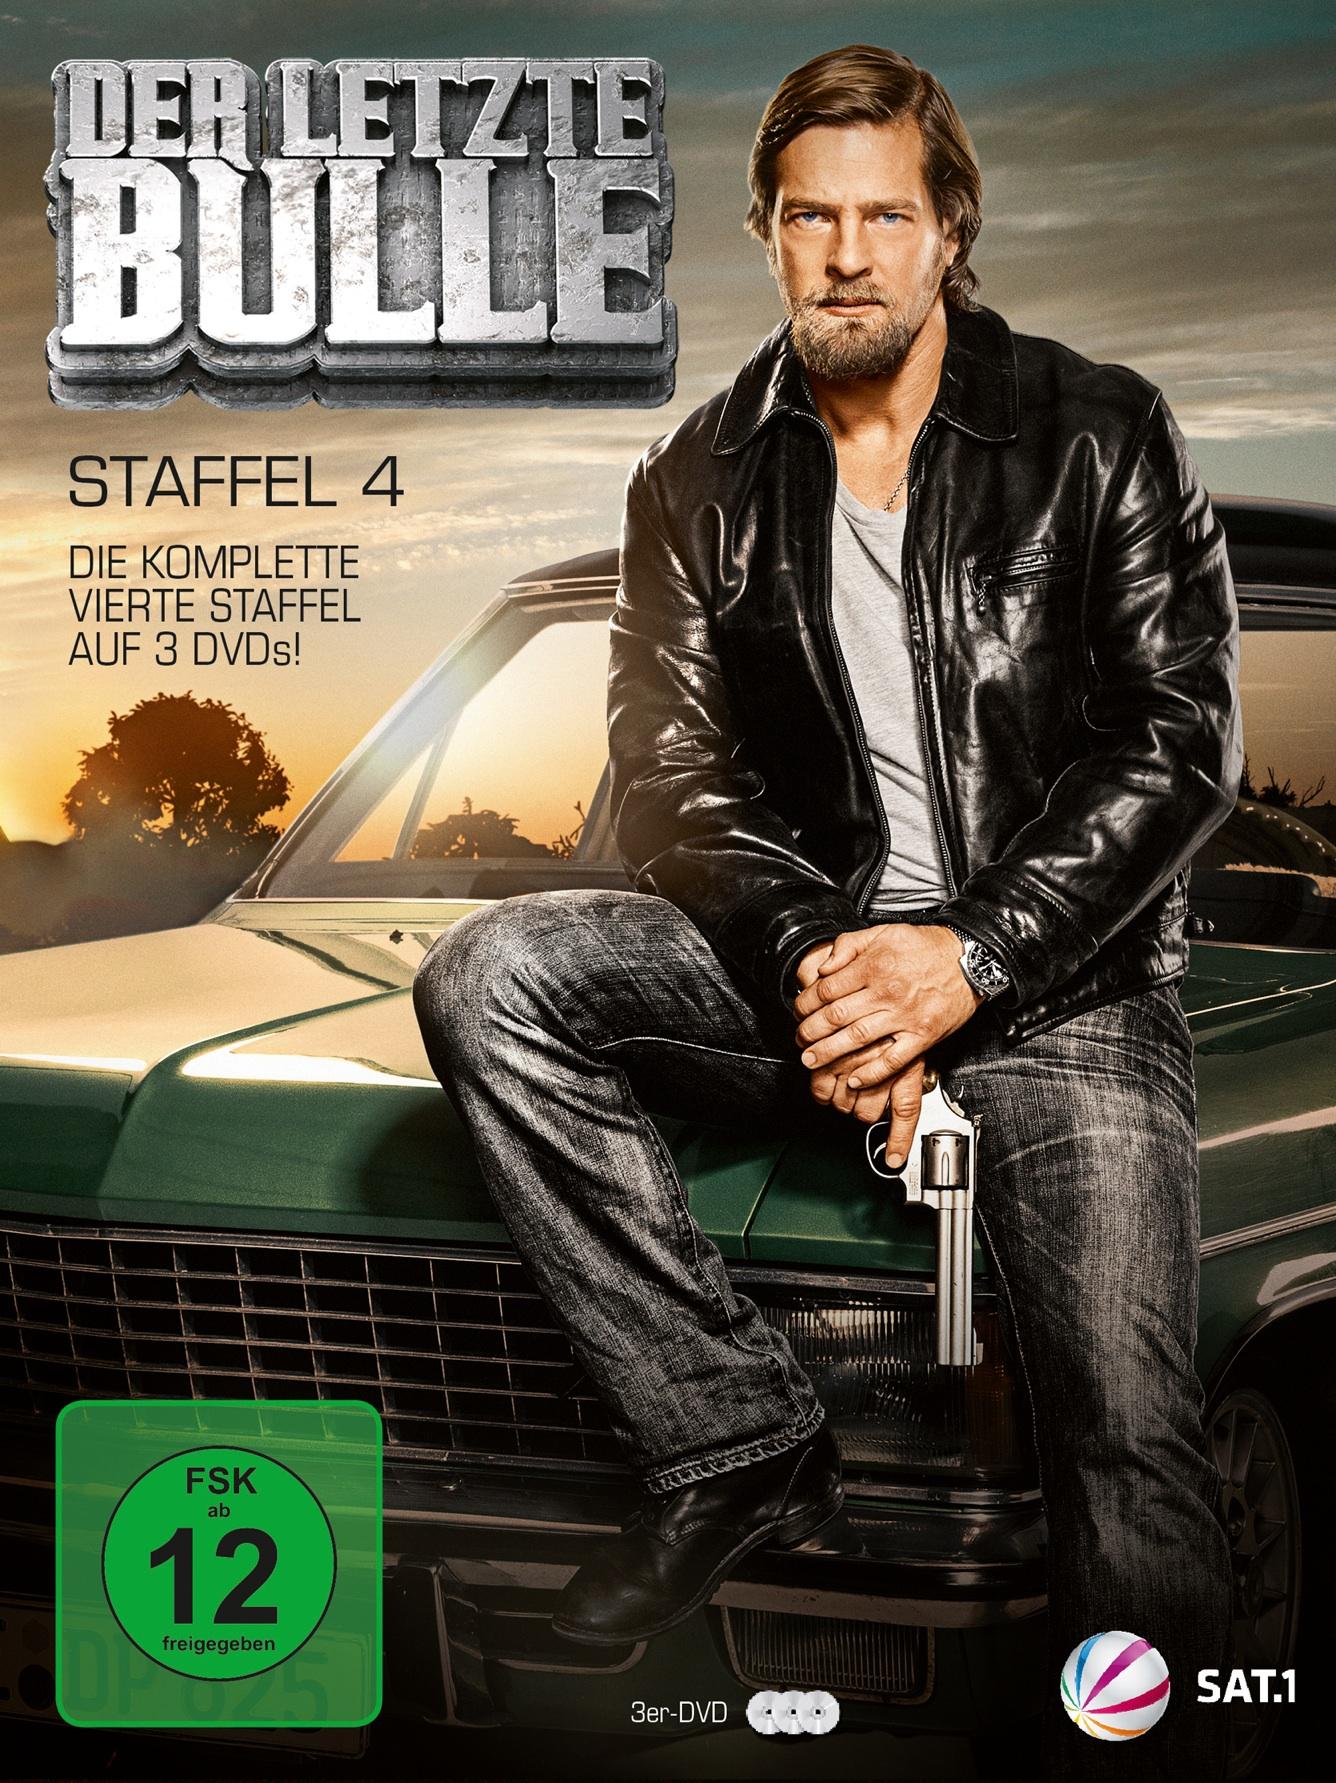 Der Letzte Bulle Die 4 Staffel Jetzt Auf Dvd Vö 17 Mai